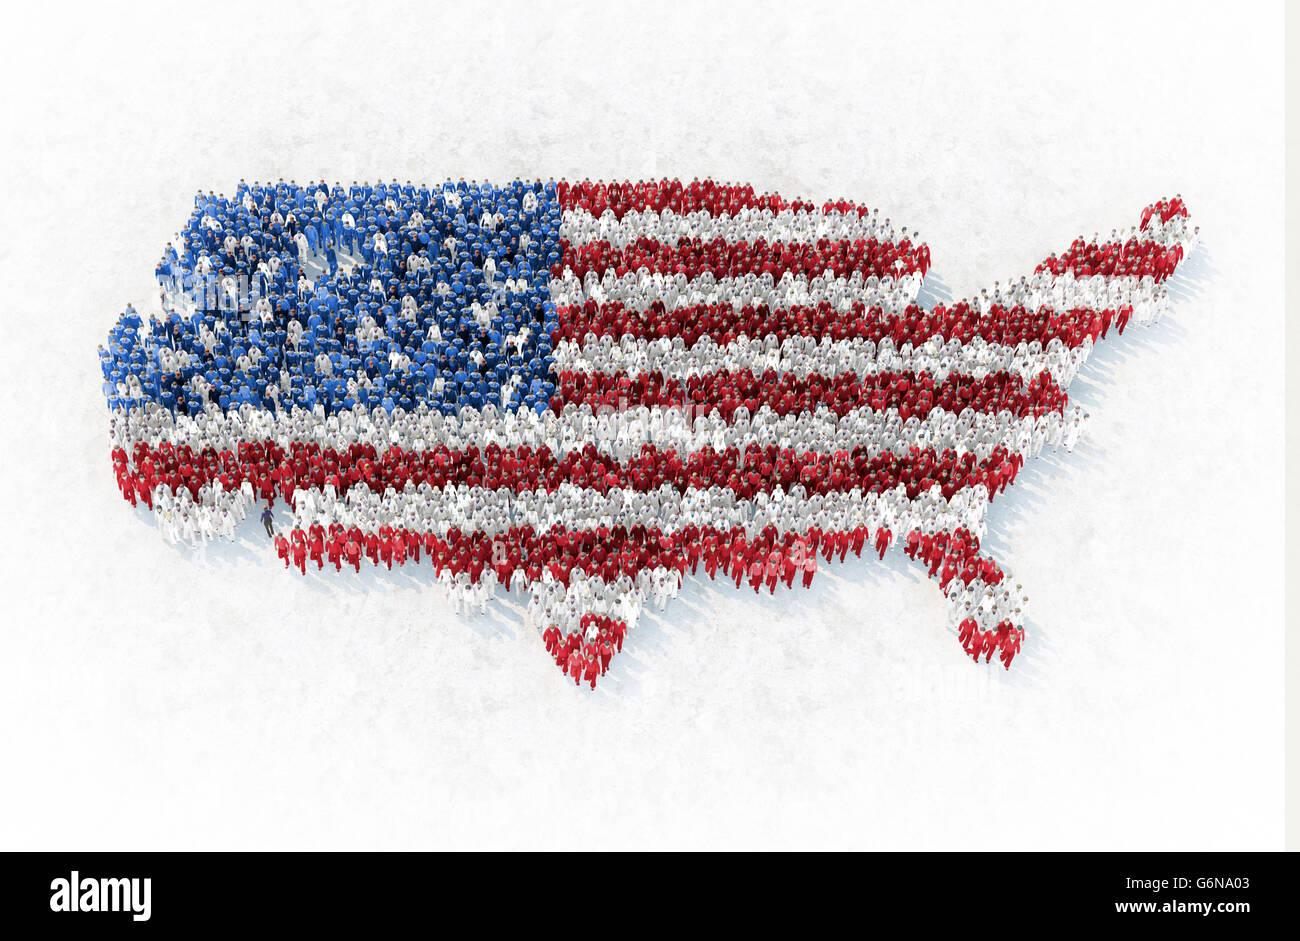 El esquema de nosotros formado por gente vestida de rojo, azul y blanco - Ilustración 3D Imagen De Stock